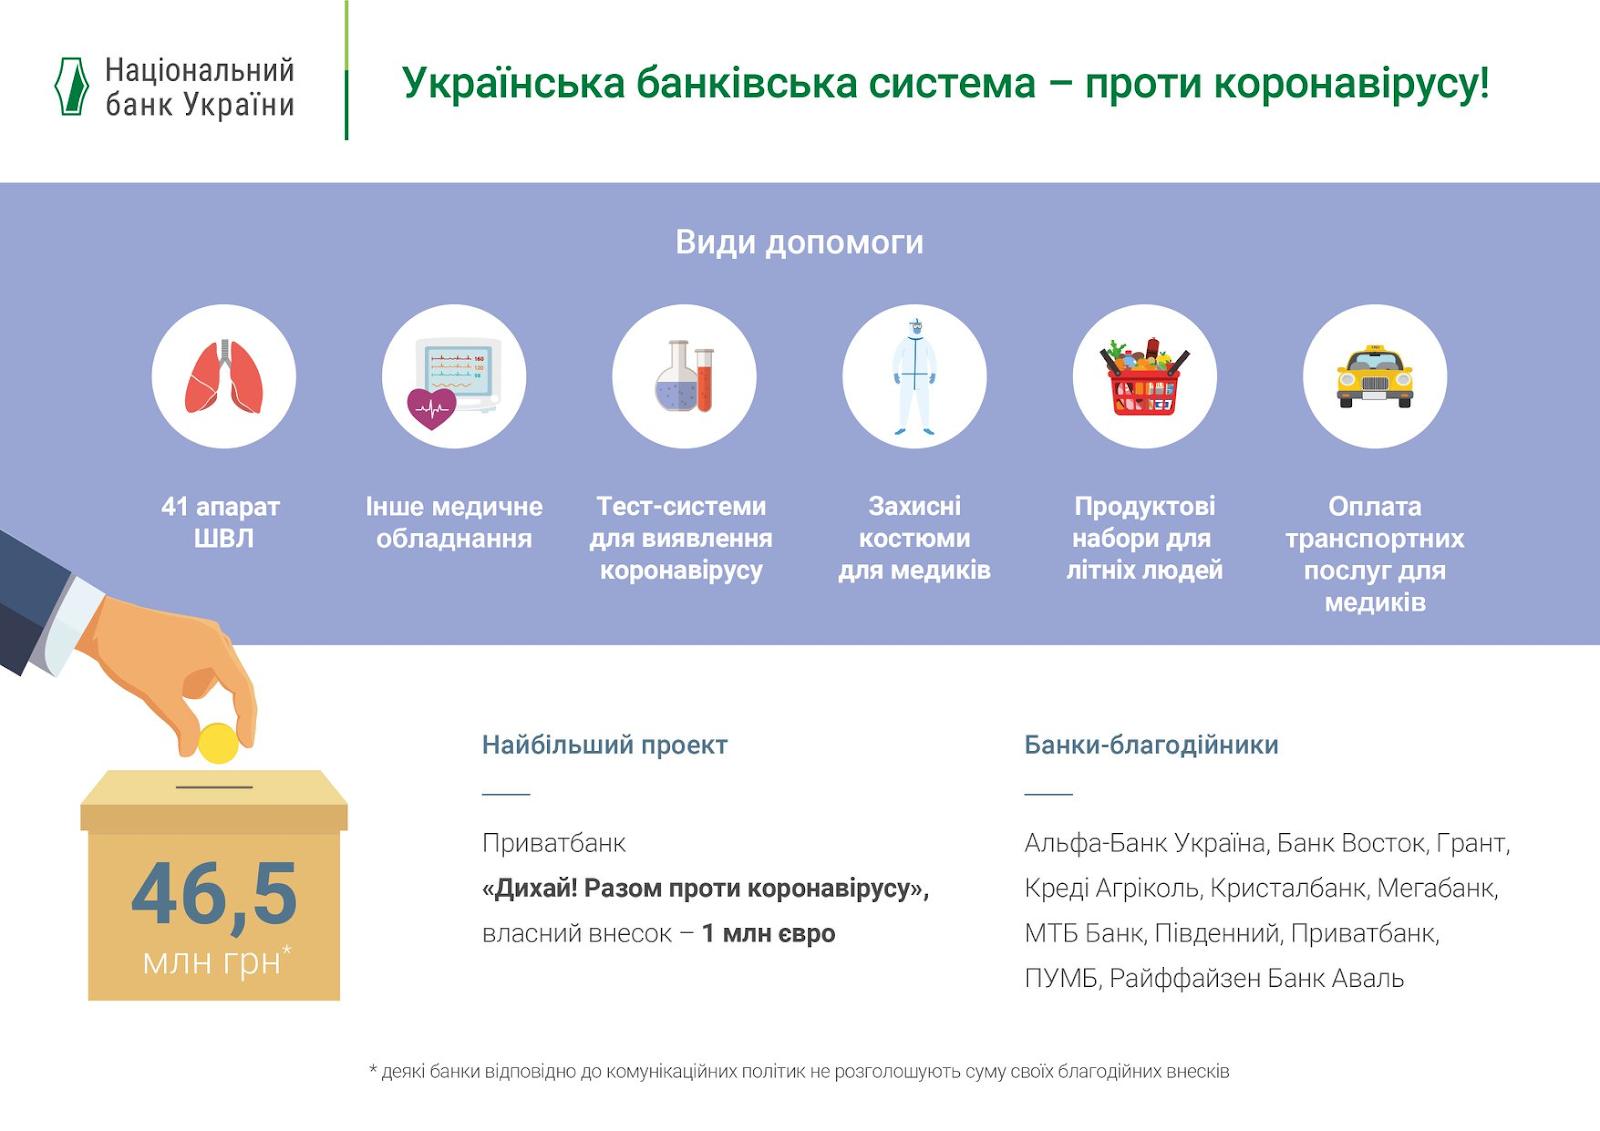 Банки выделили 46,5 млн на борьбу с коронавирусом, ПриватБанк - 1 млн евро